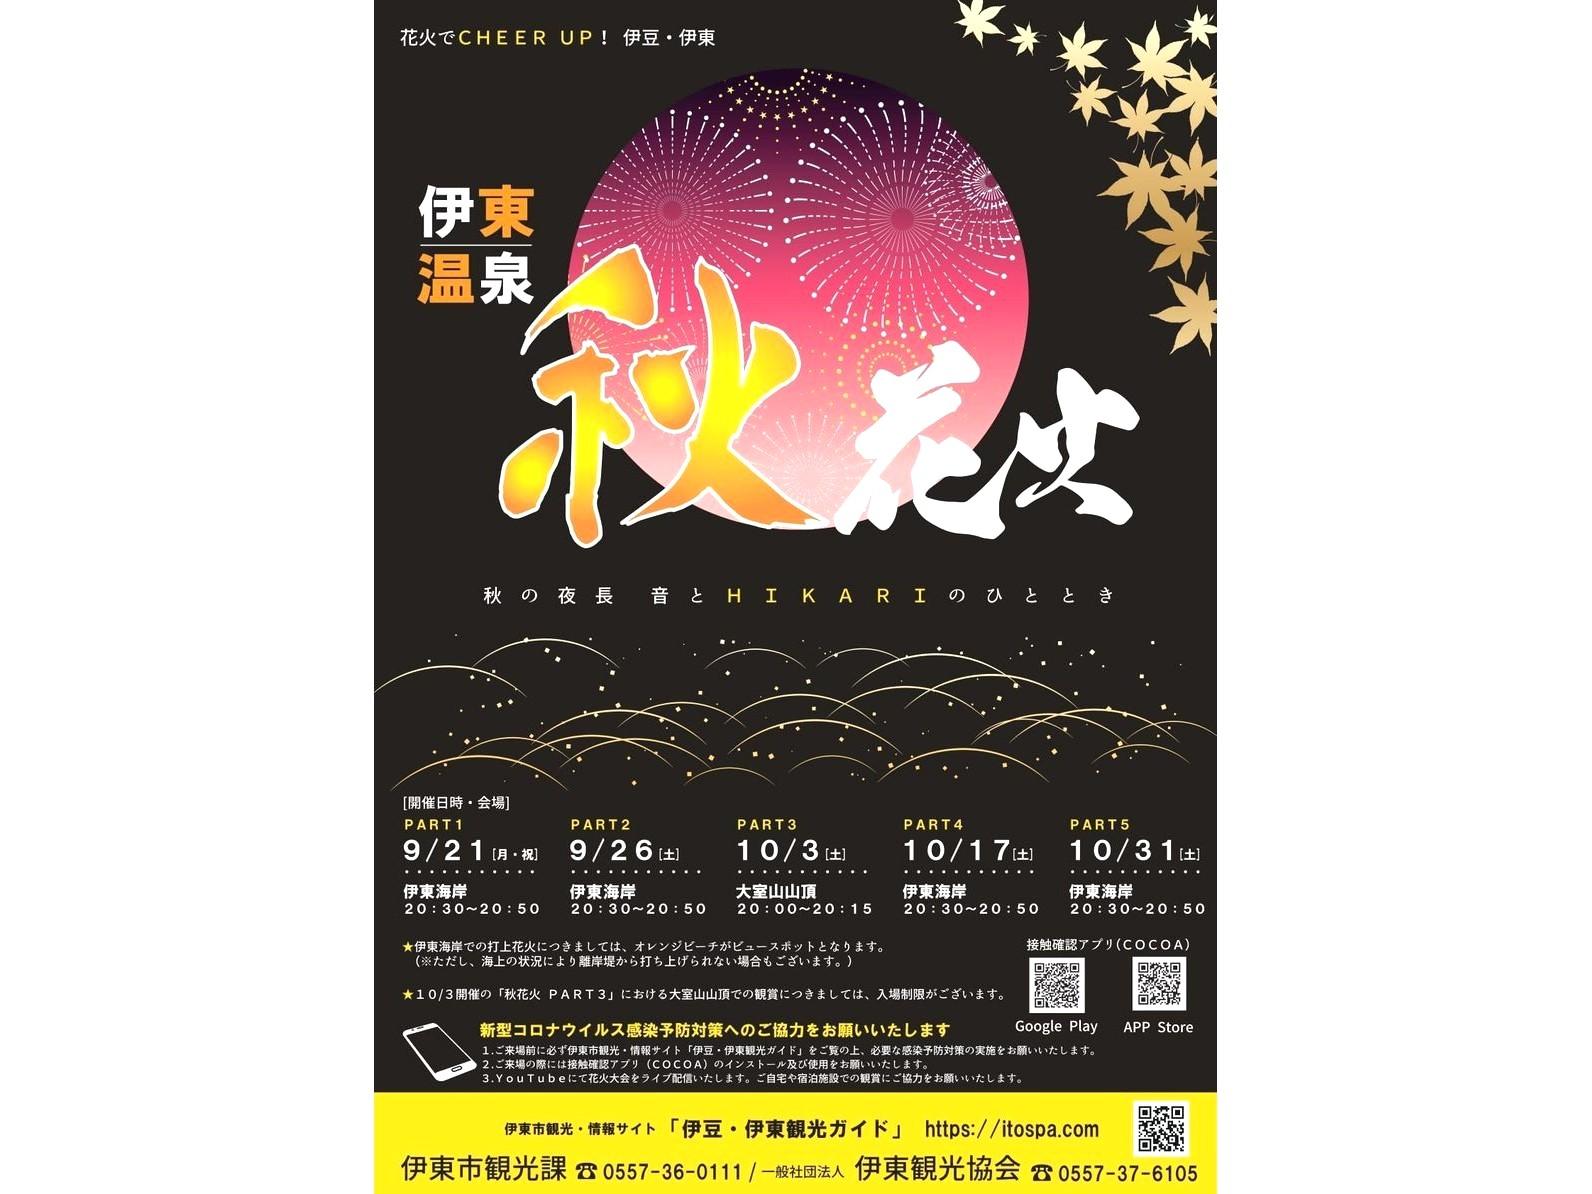 https://www.magaret.jp/mt_img/%E5%A4%A7%E5%AE%A4%E5%B1%B1%E8%8A%B1%E7%81%AB10.3_JALAN_200827.jpg